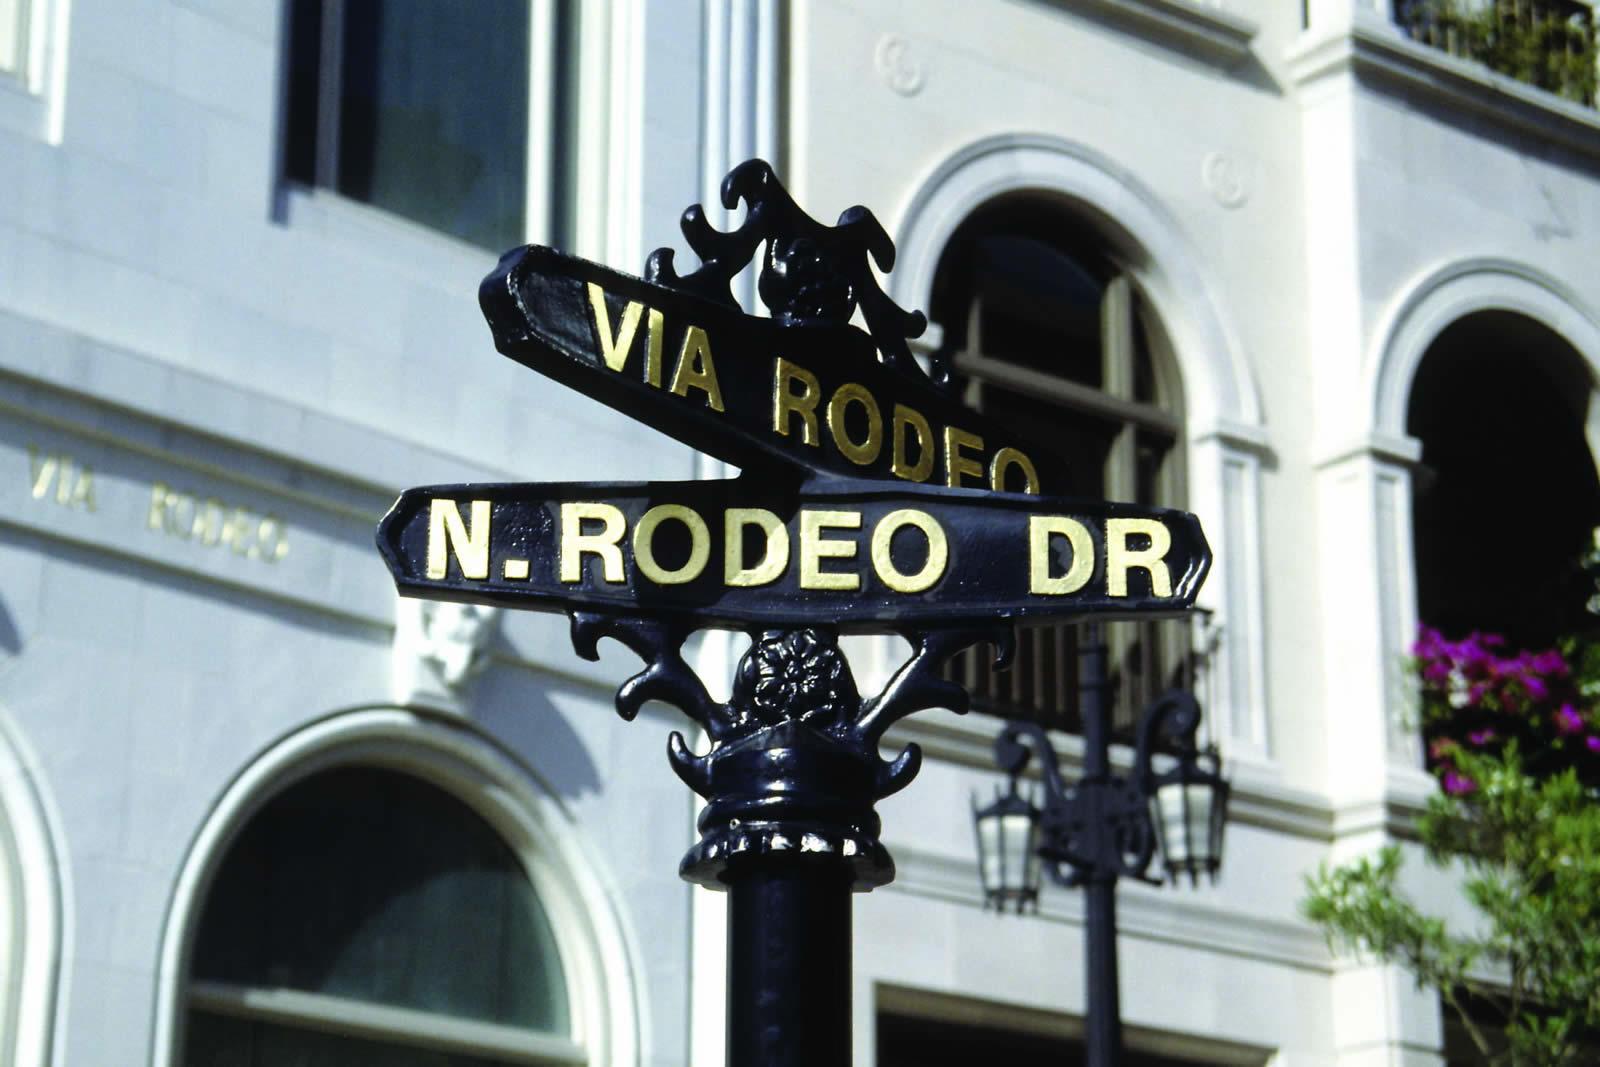 Rodeo Drive : La célèbre rue de Beverlly Hills à Los Angeles